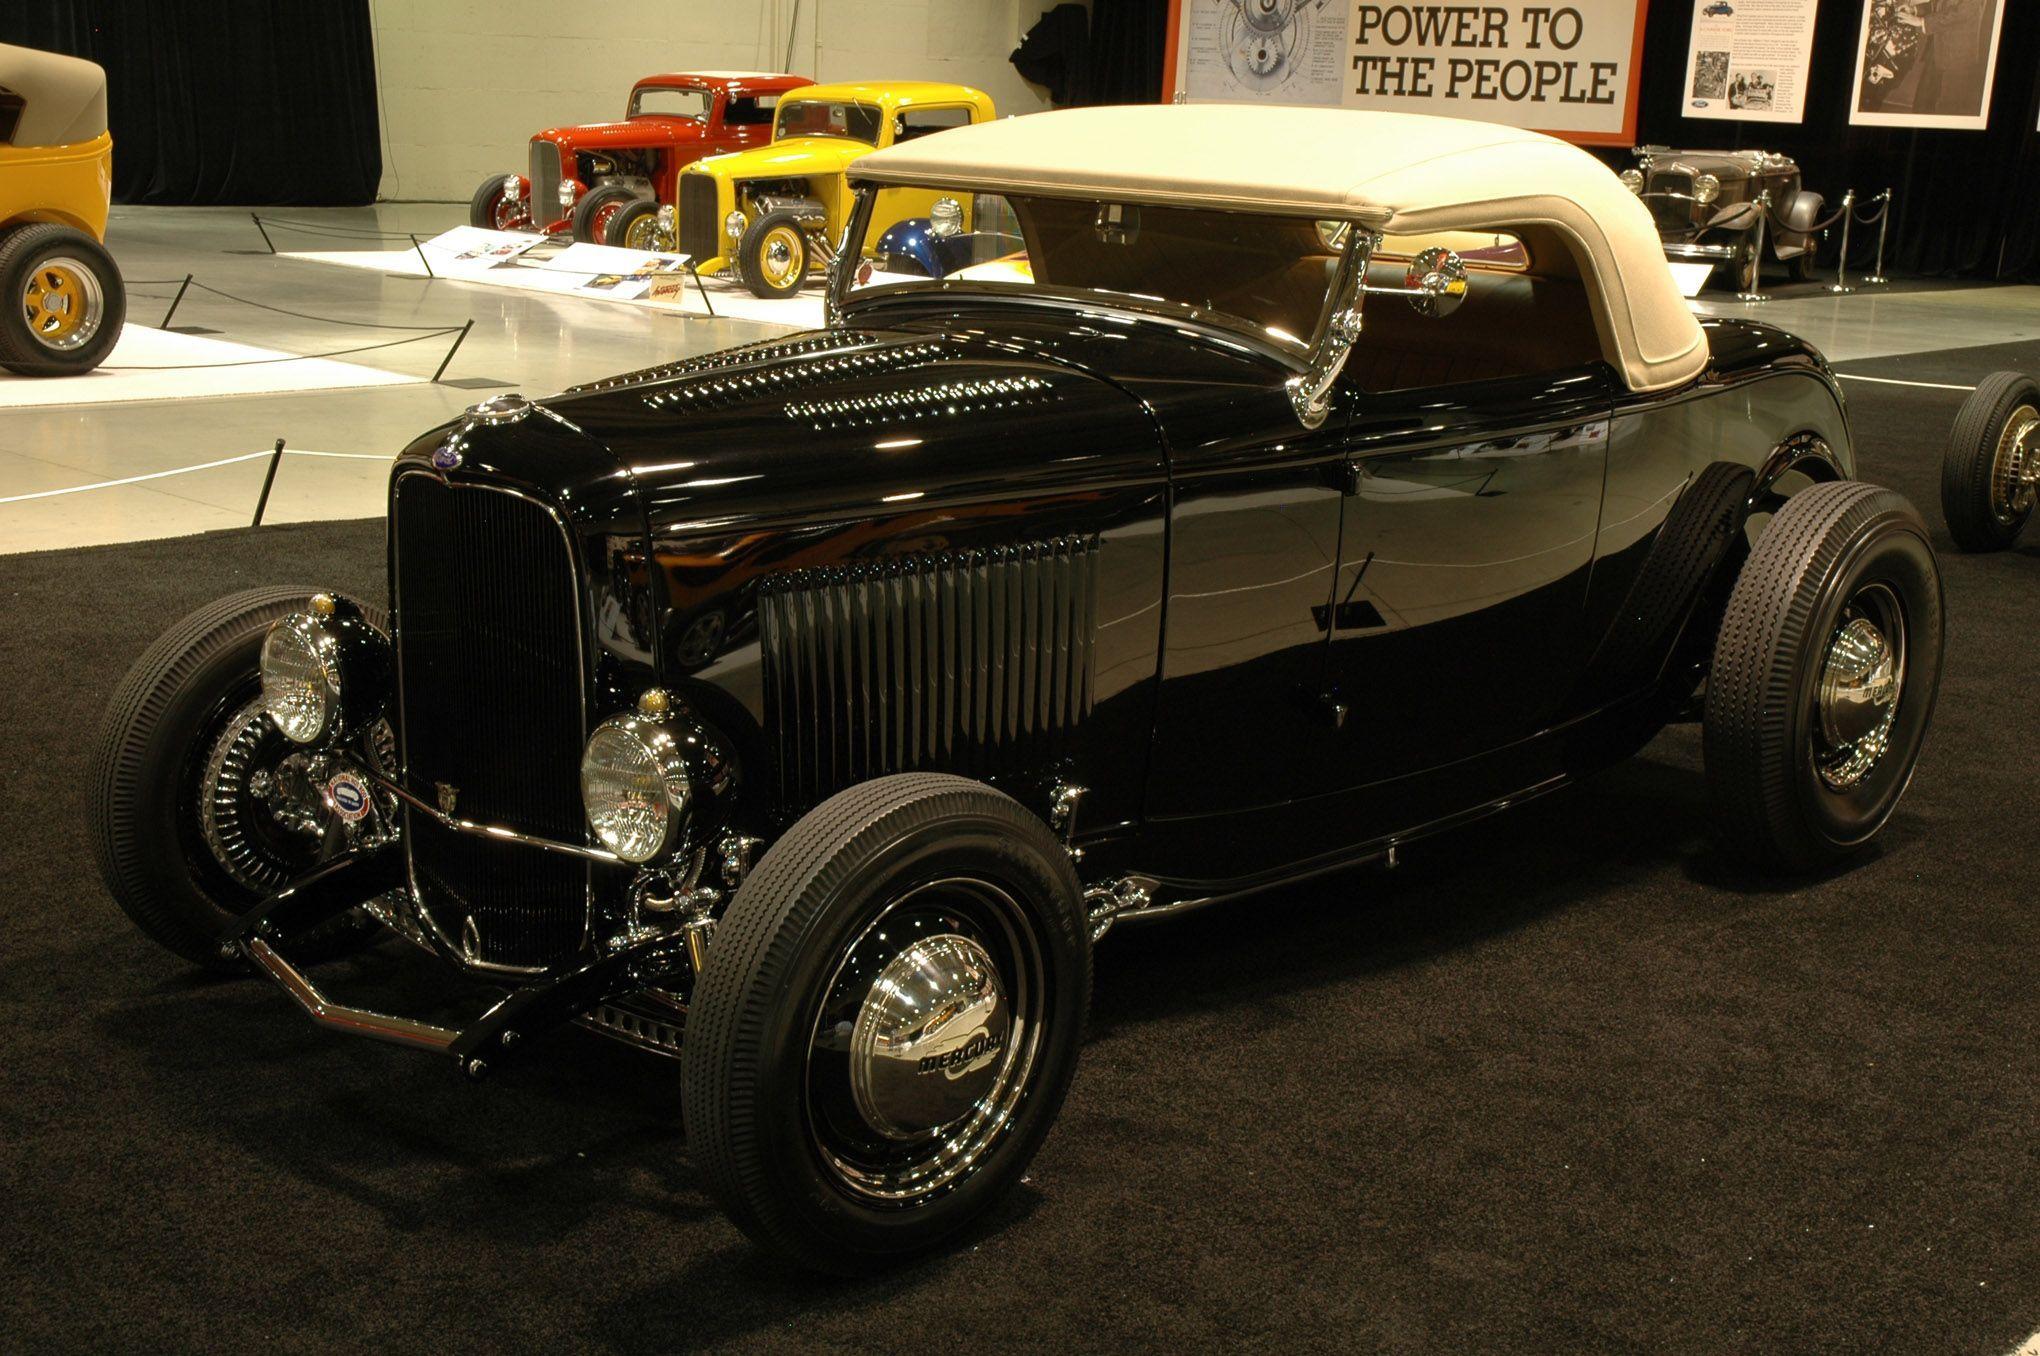 20-1932-ford-hot-rods-greatest-alltime-.jpg (2040×1356) | Street ...